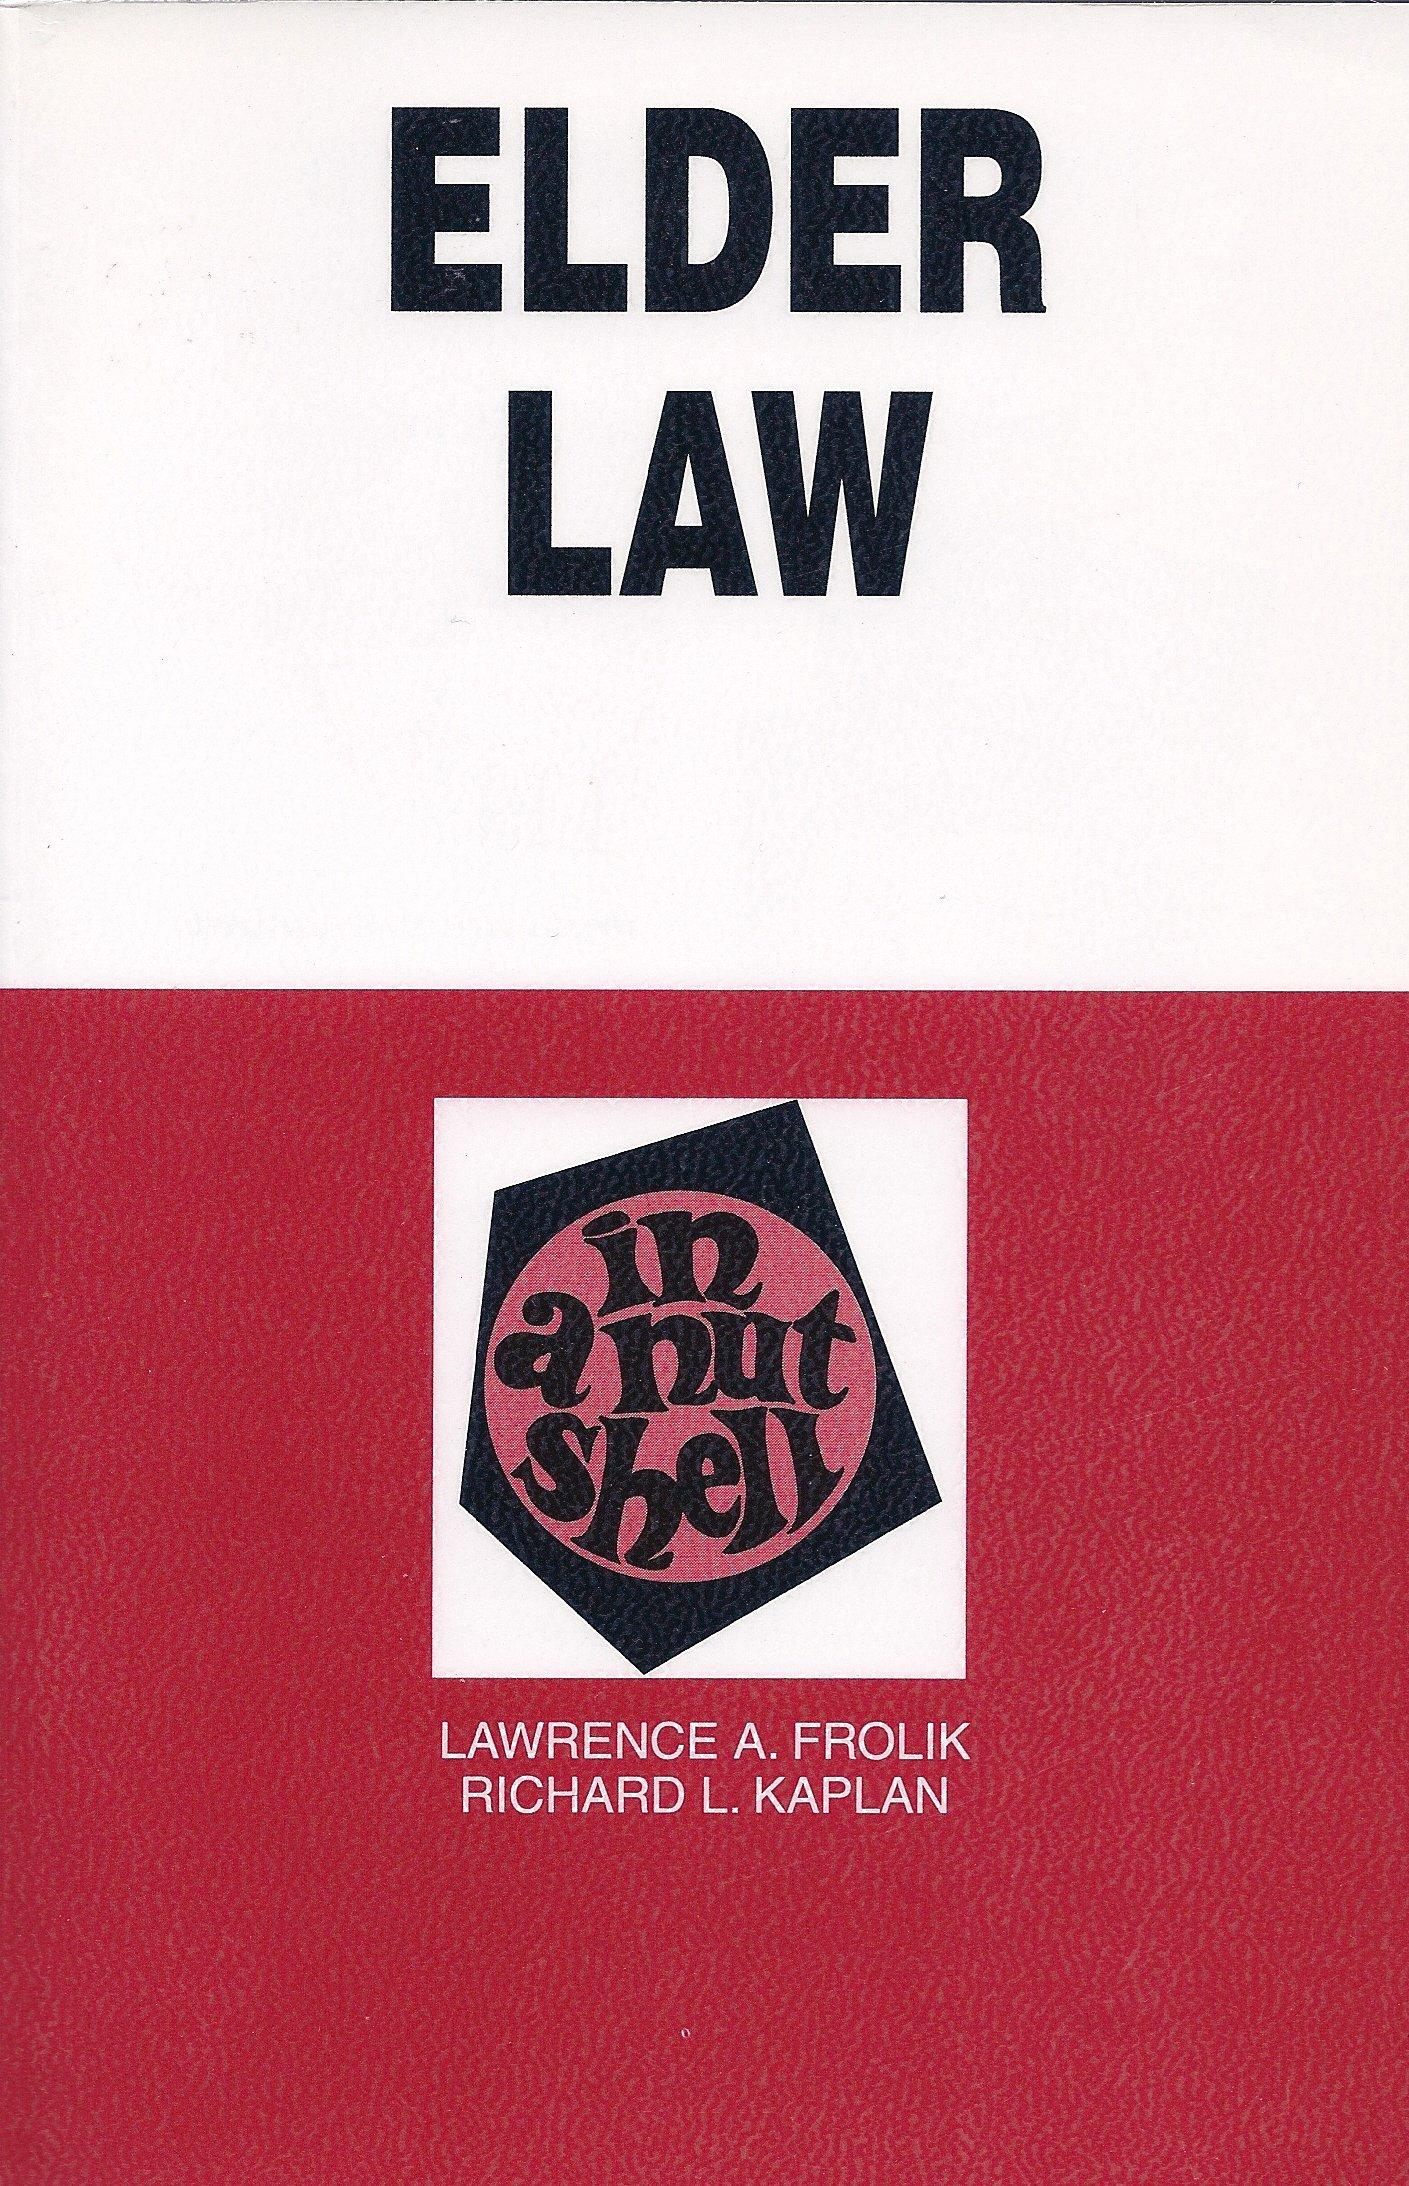 Elder Law: In a Nutshell (Nutshell Series): Lawrence A. Frolik, Richard L.  Kaplan: 9780314064141: Amazon.com: Books